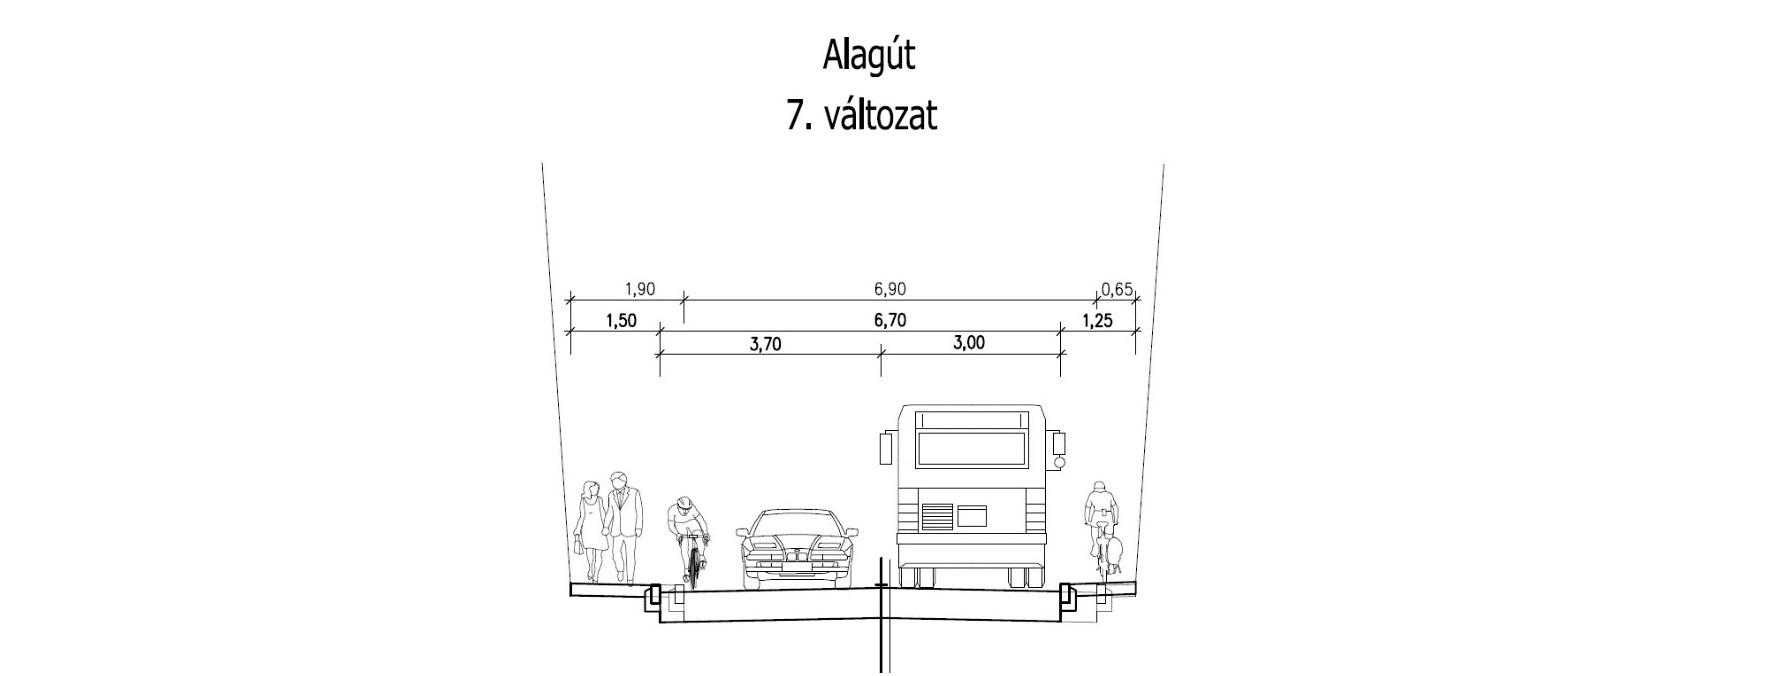 22-alagut